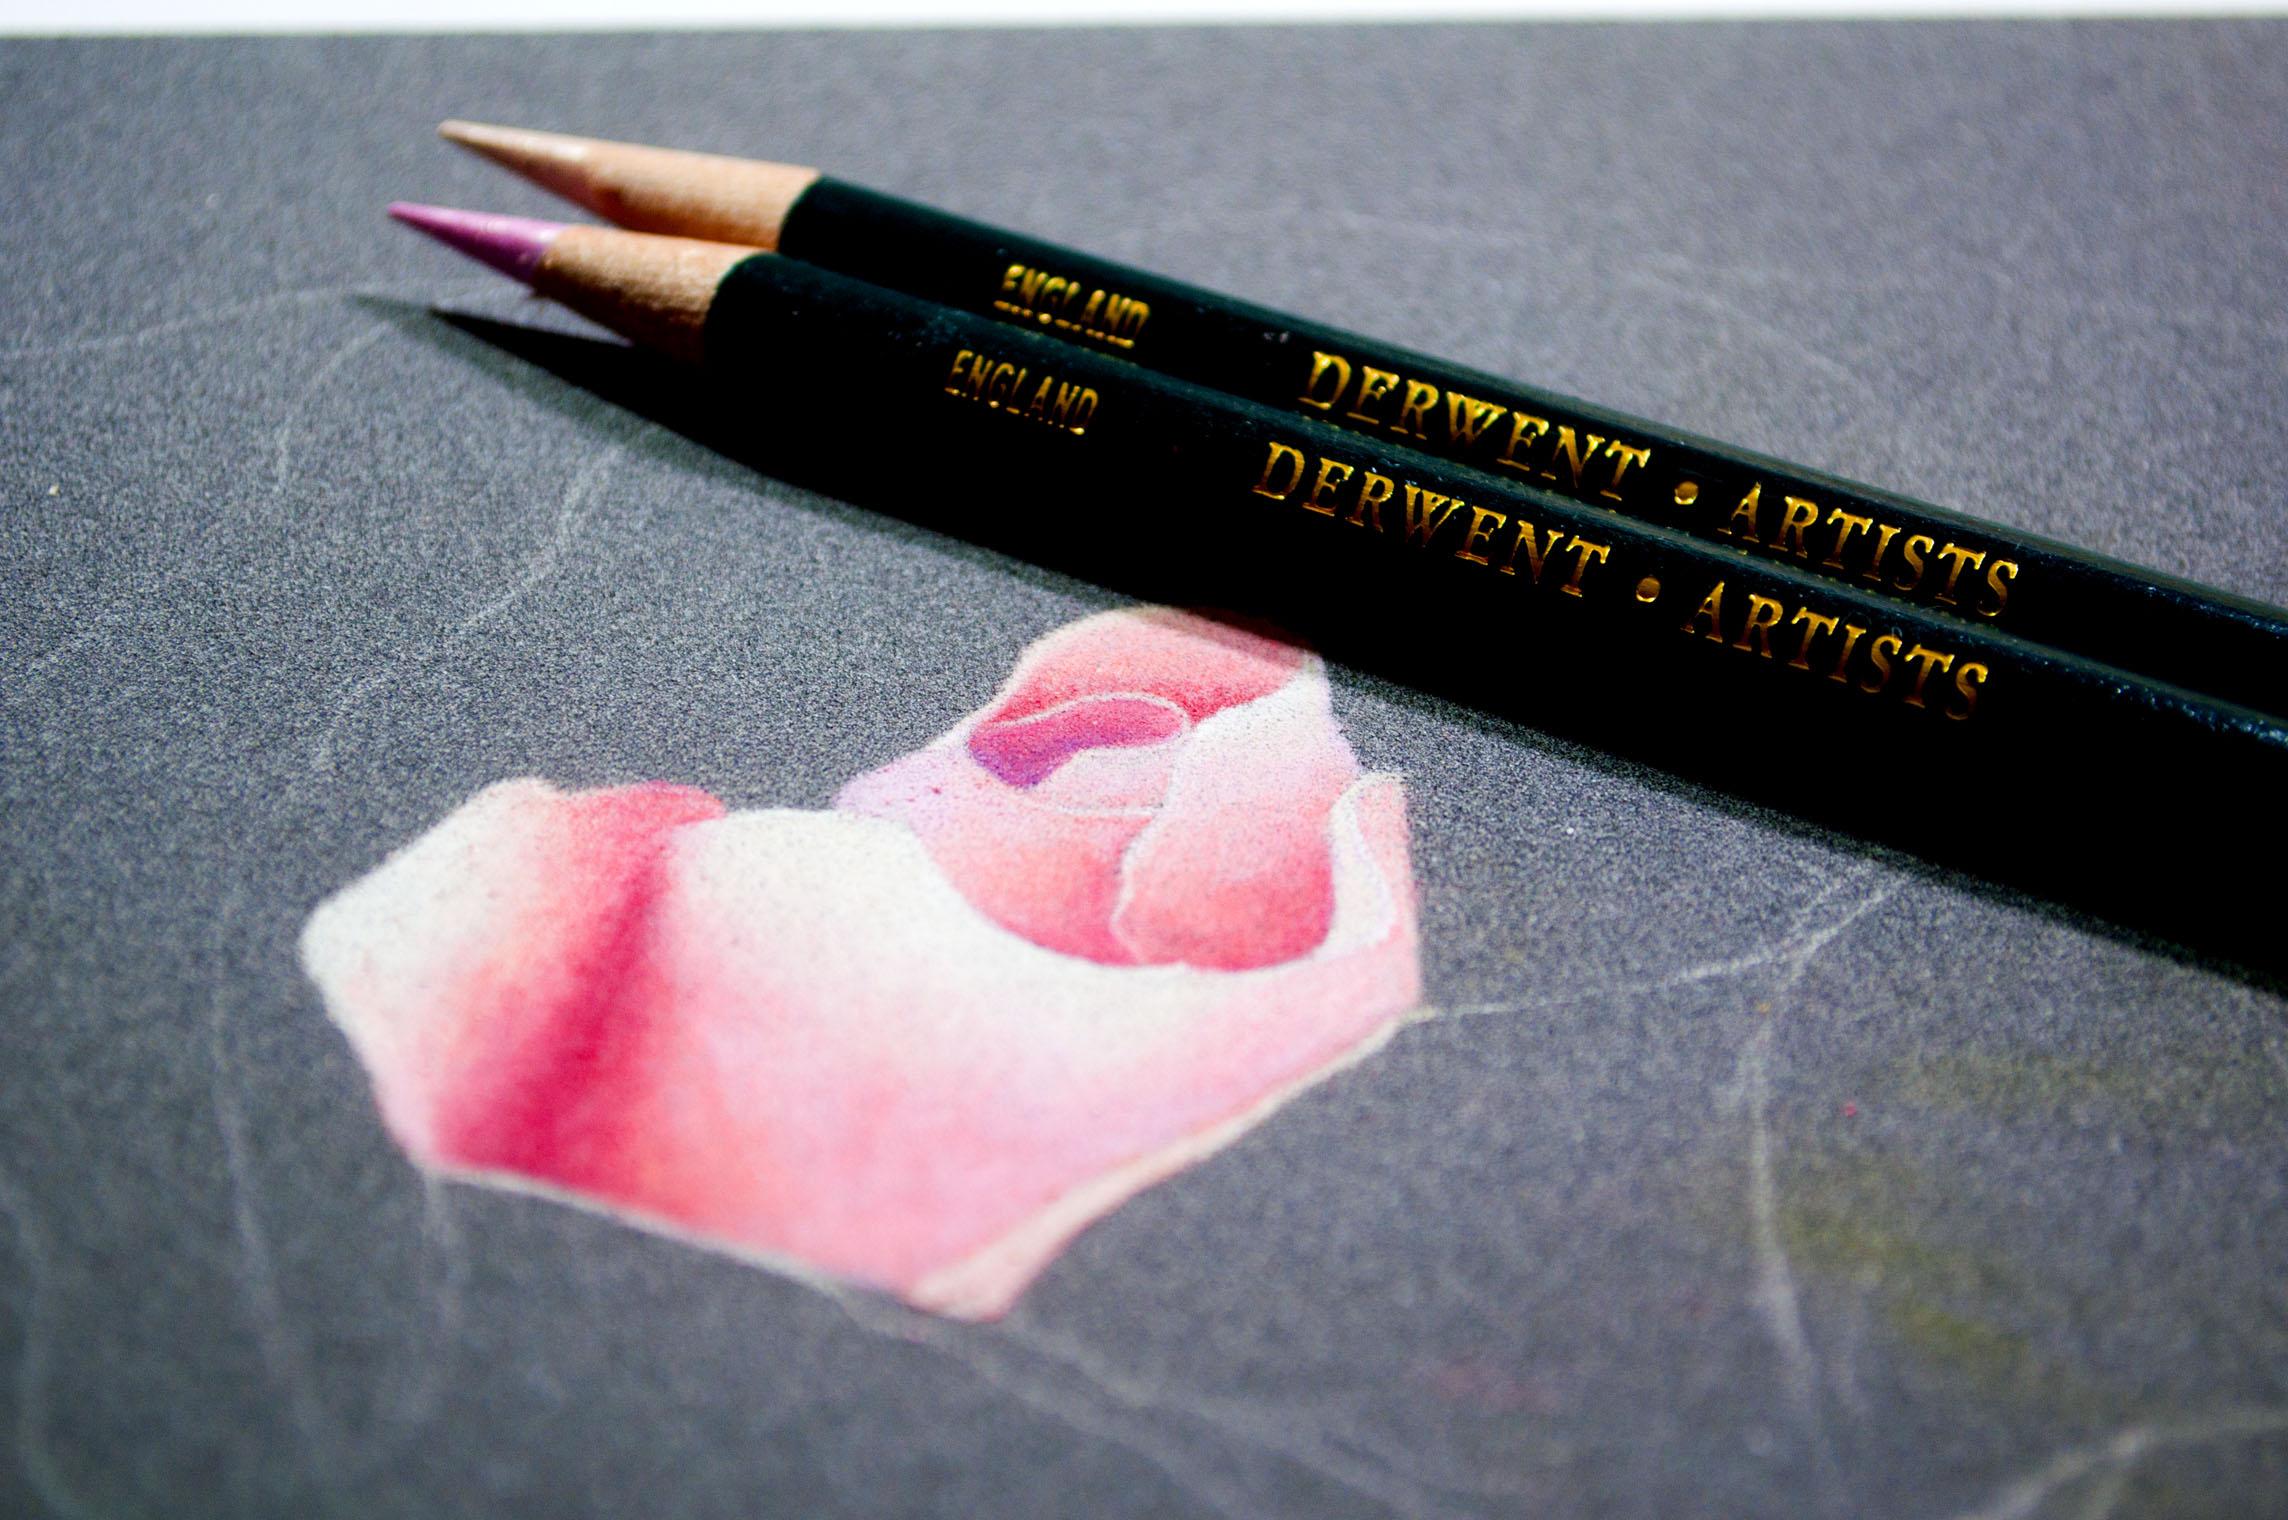 Derwent Artist Rose Image 1 Design.jpg